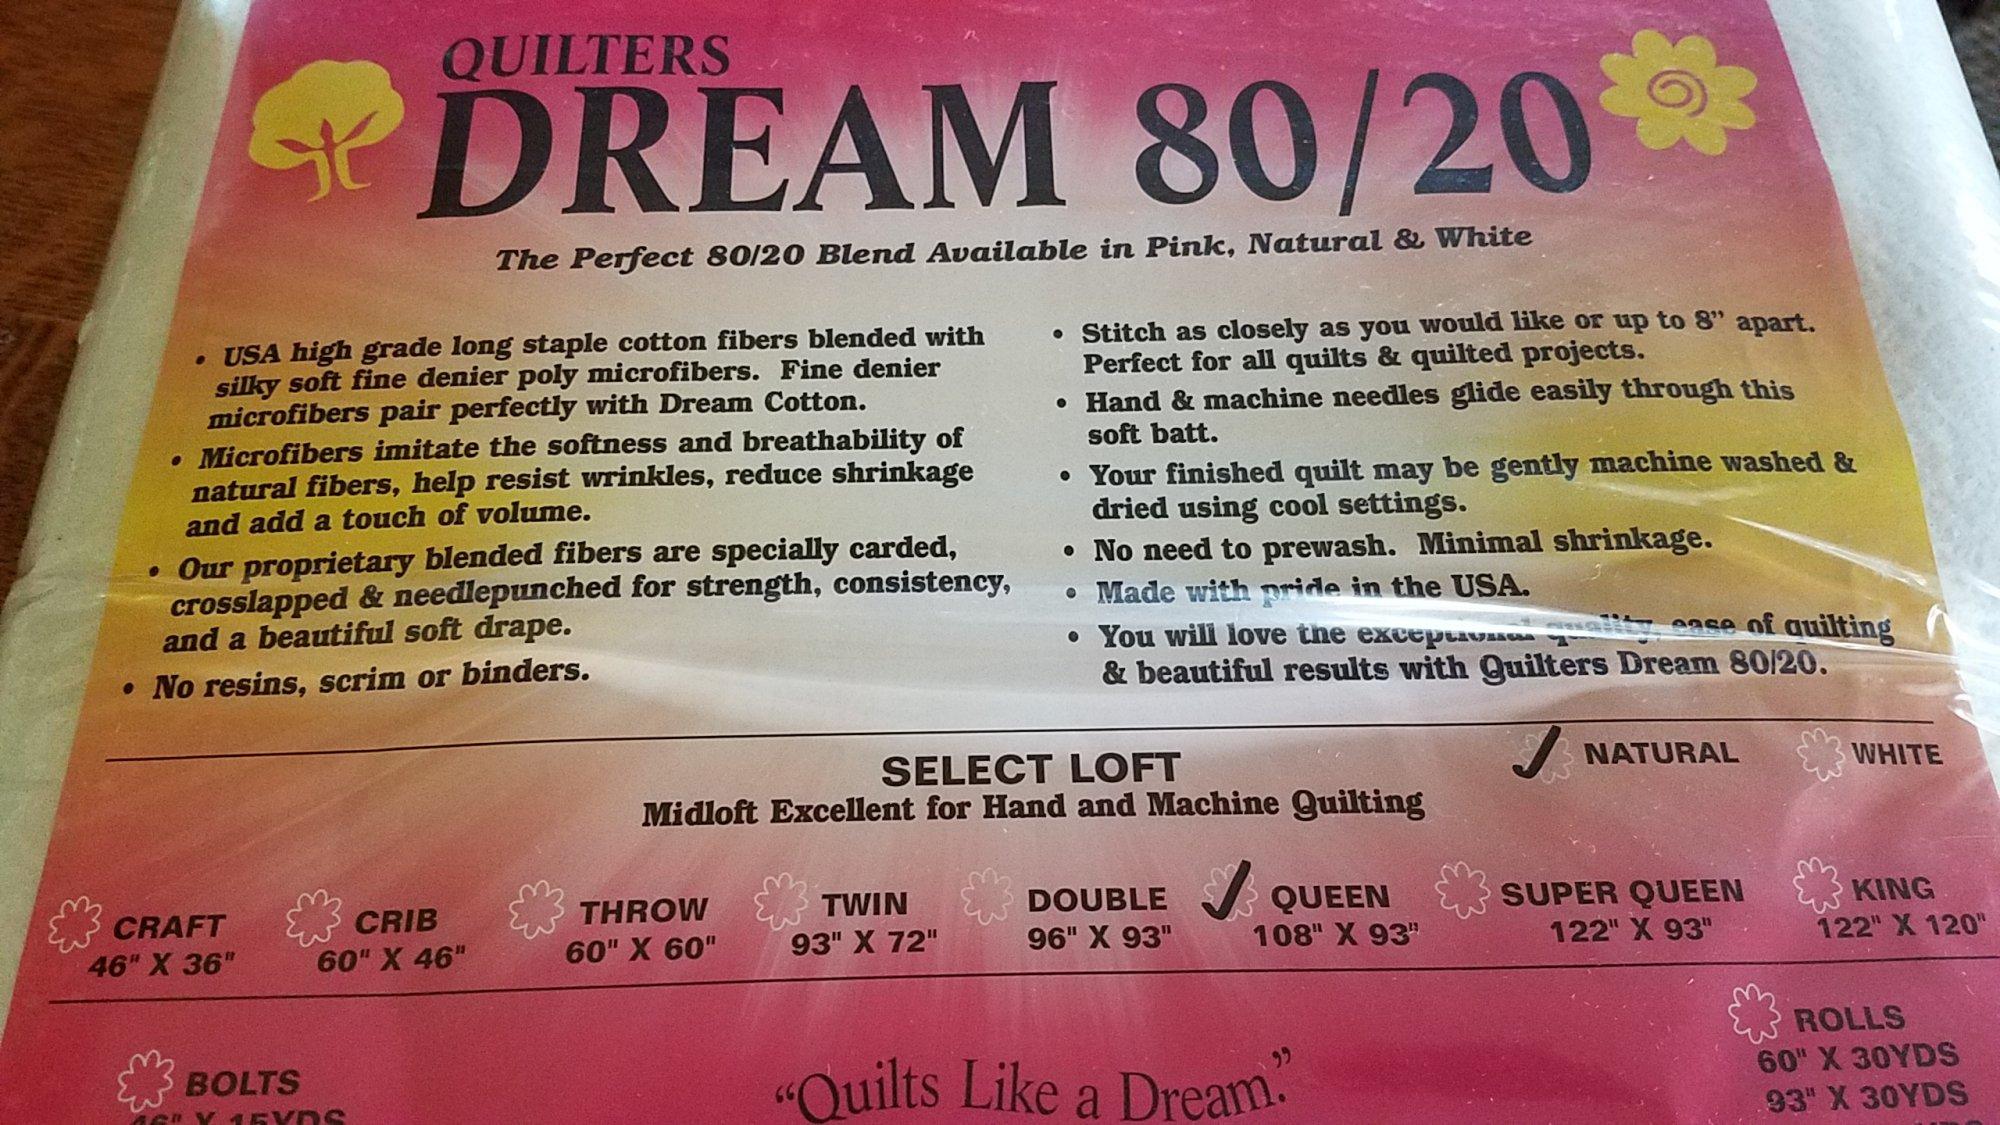 Dream 80/20 Queen